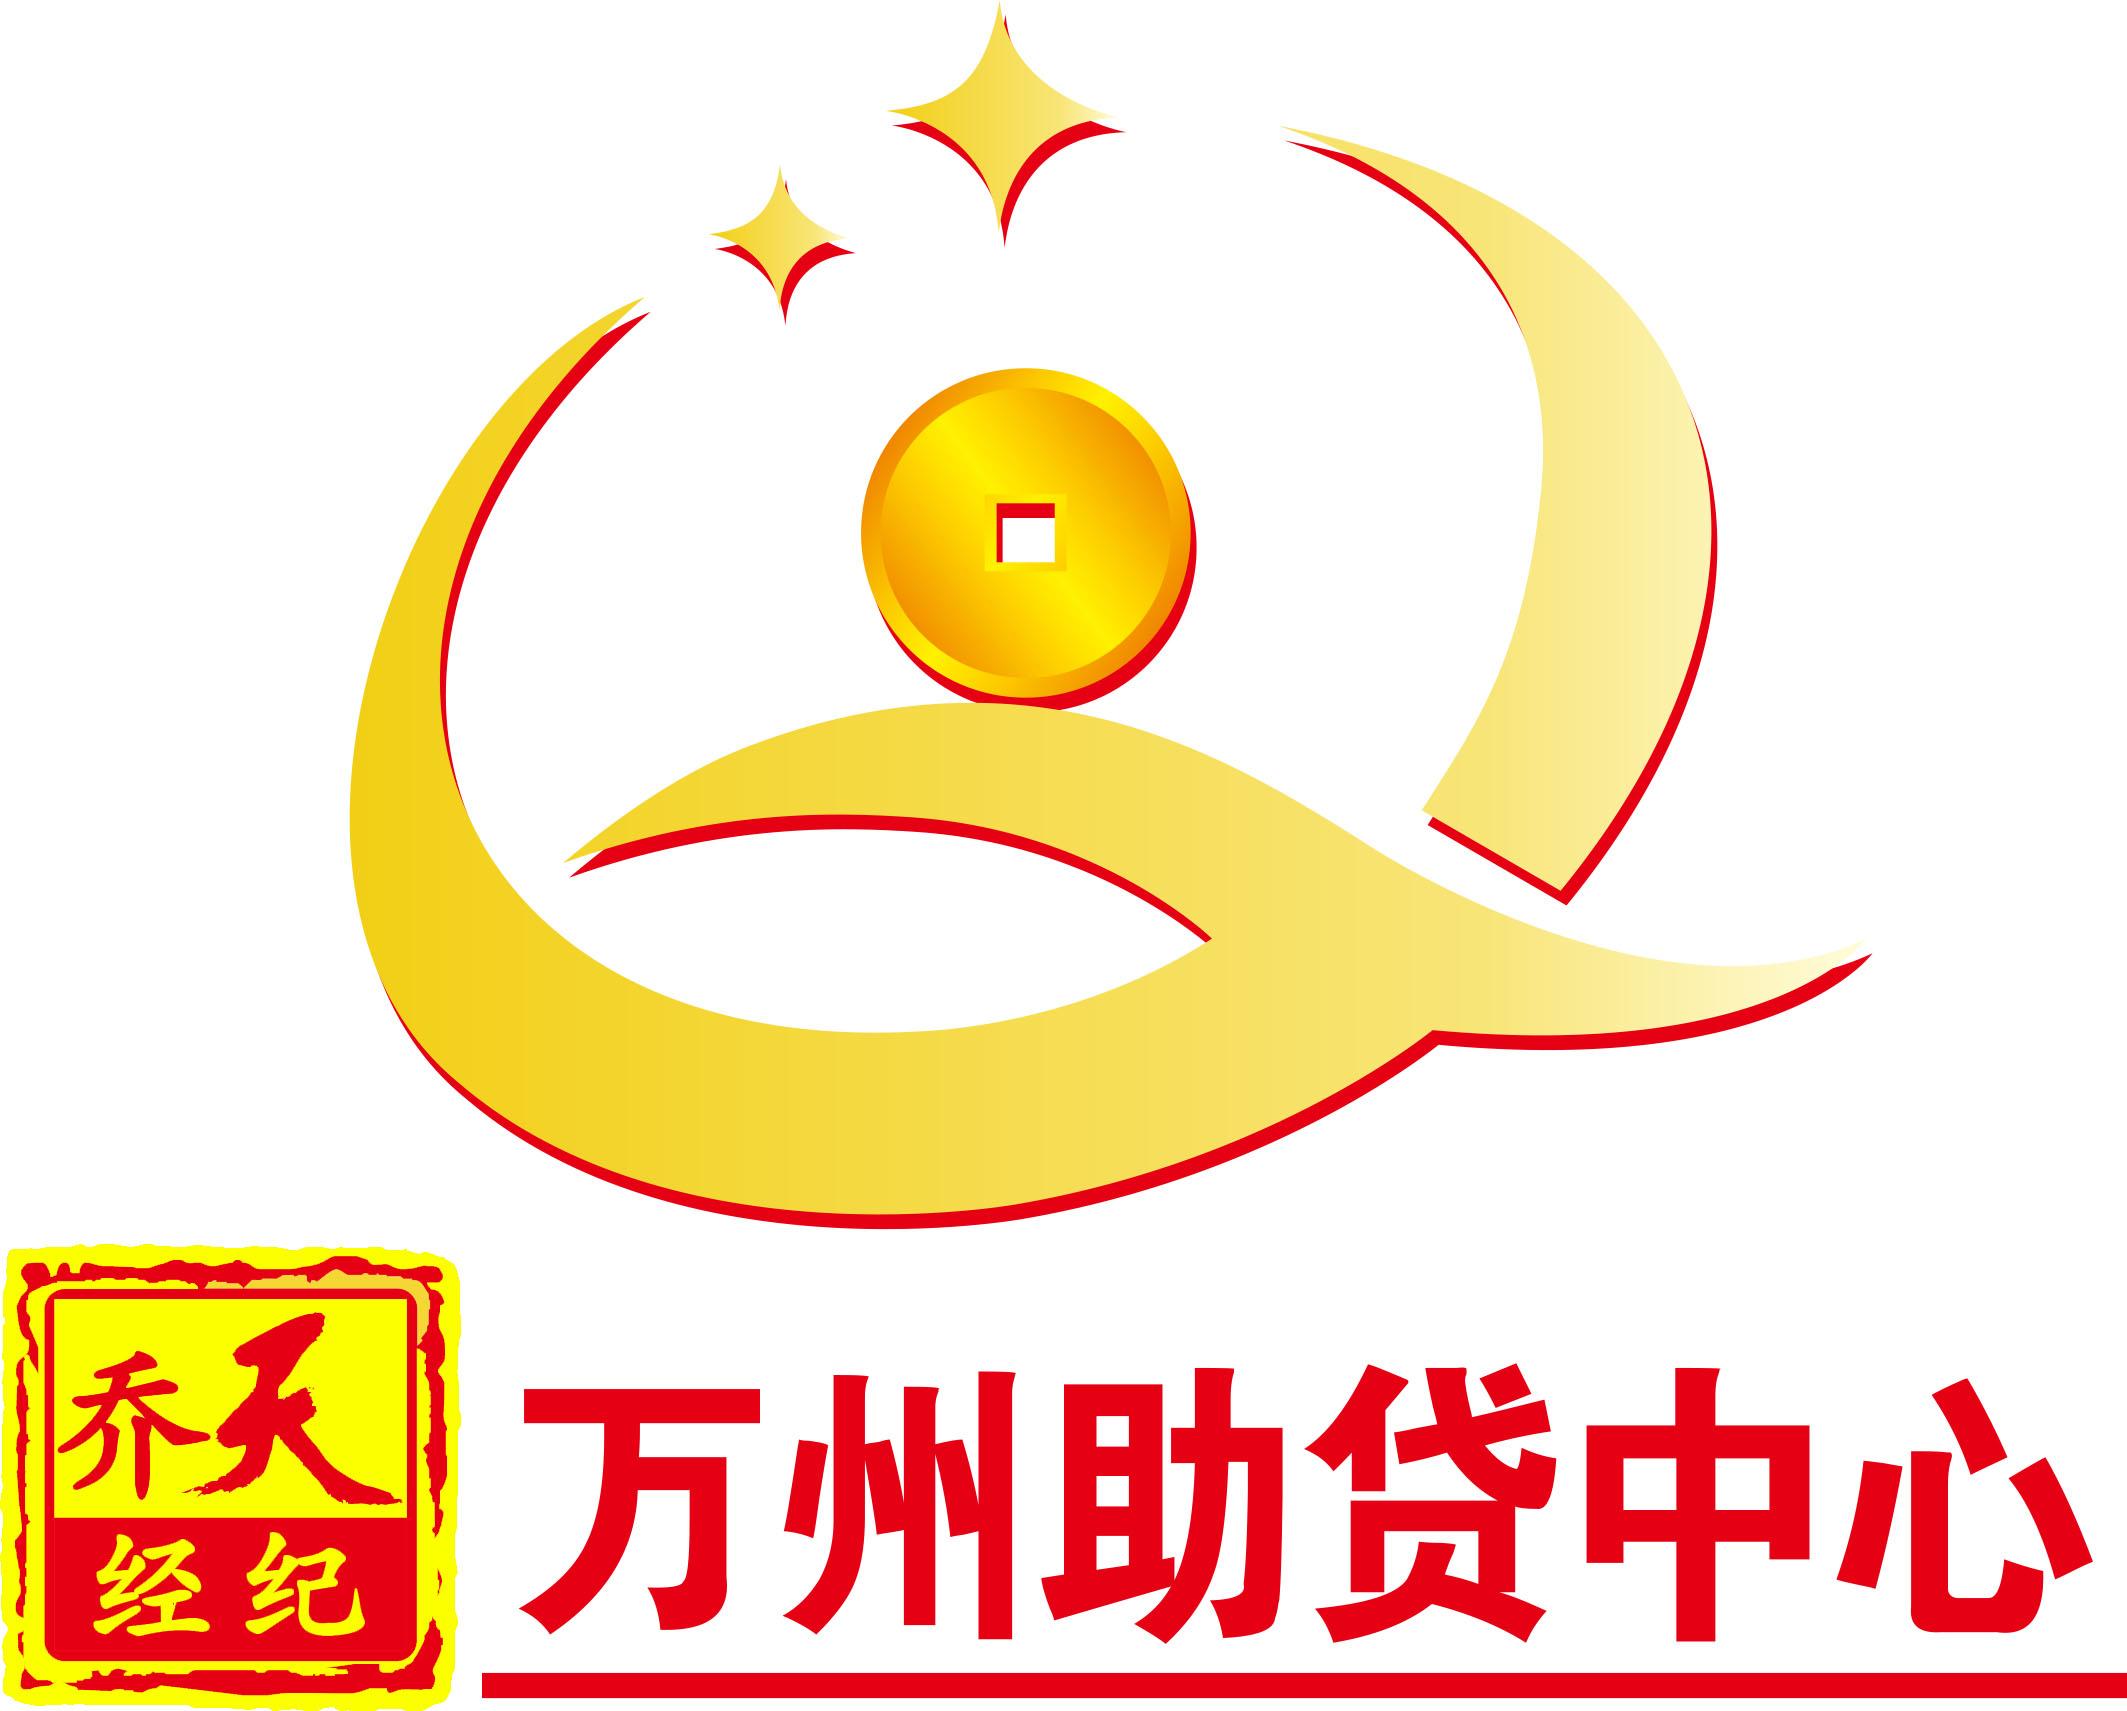 重庆市万州区乔天助贷中心